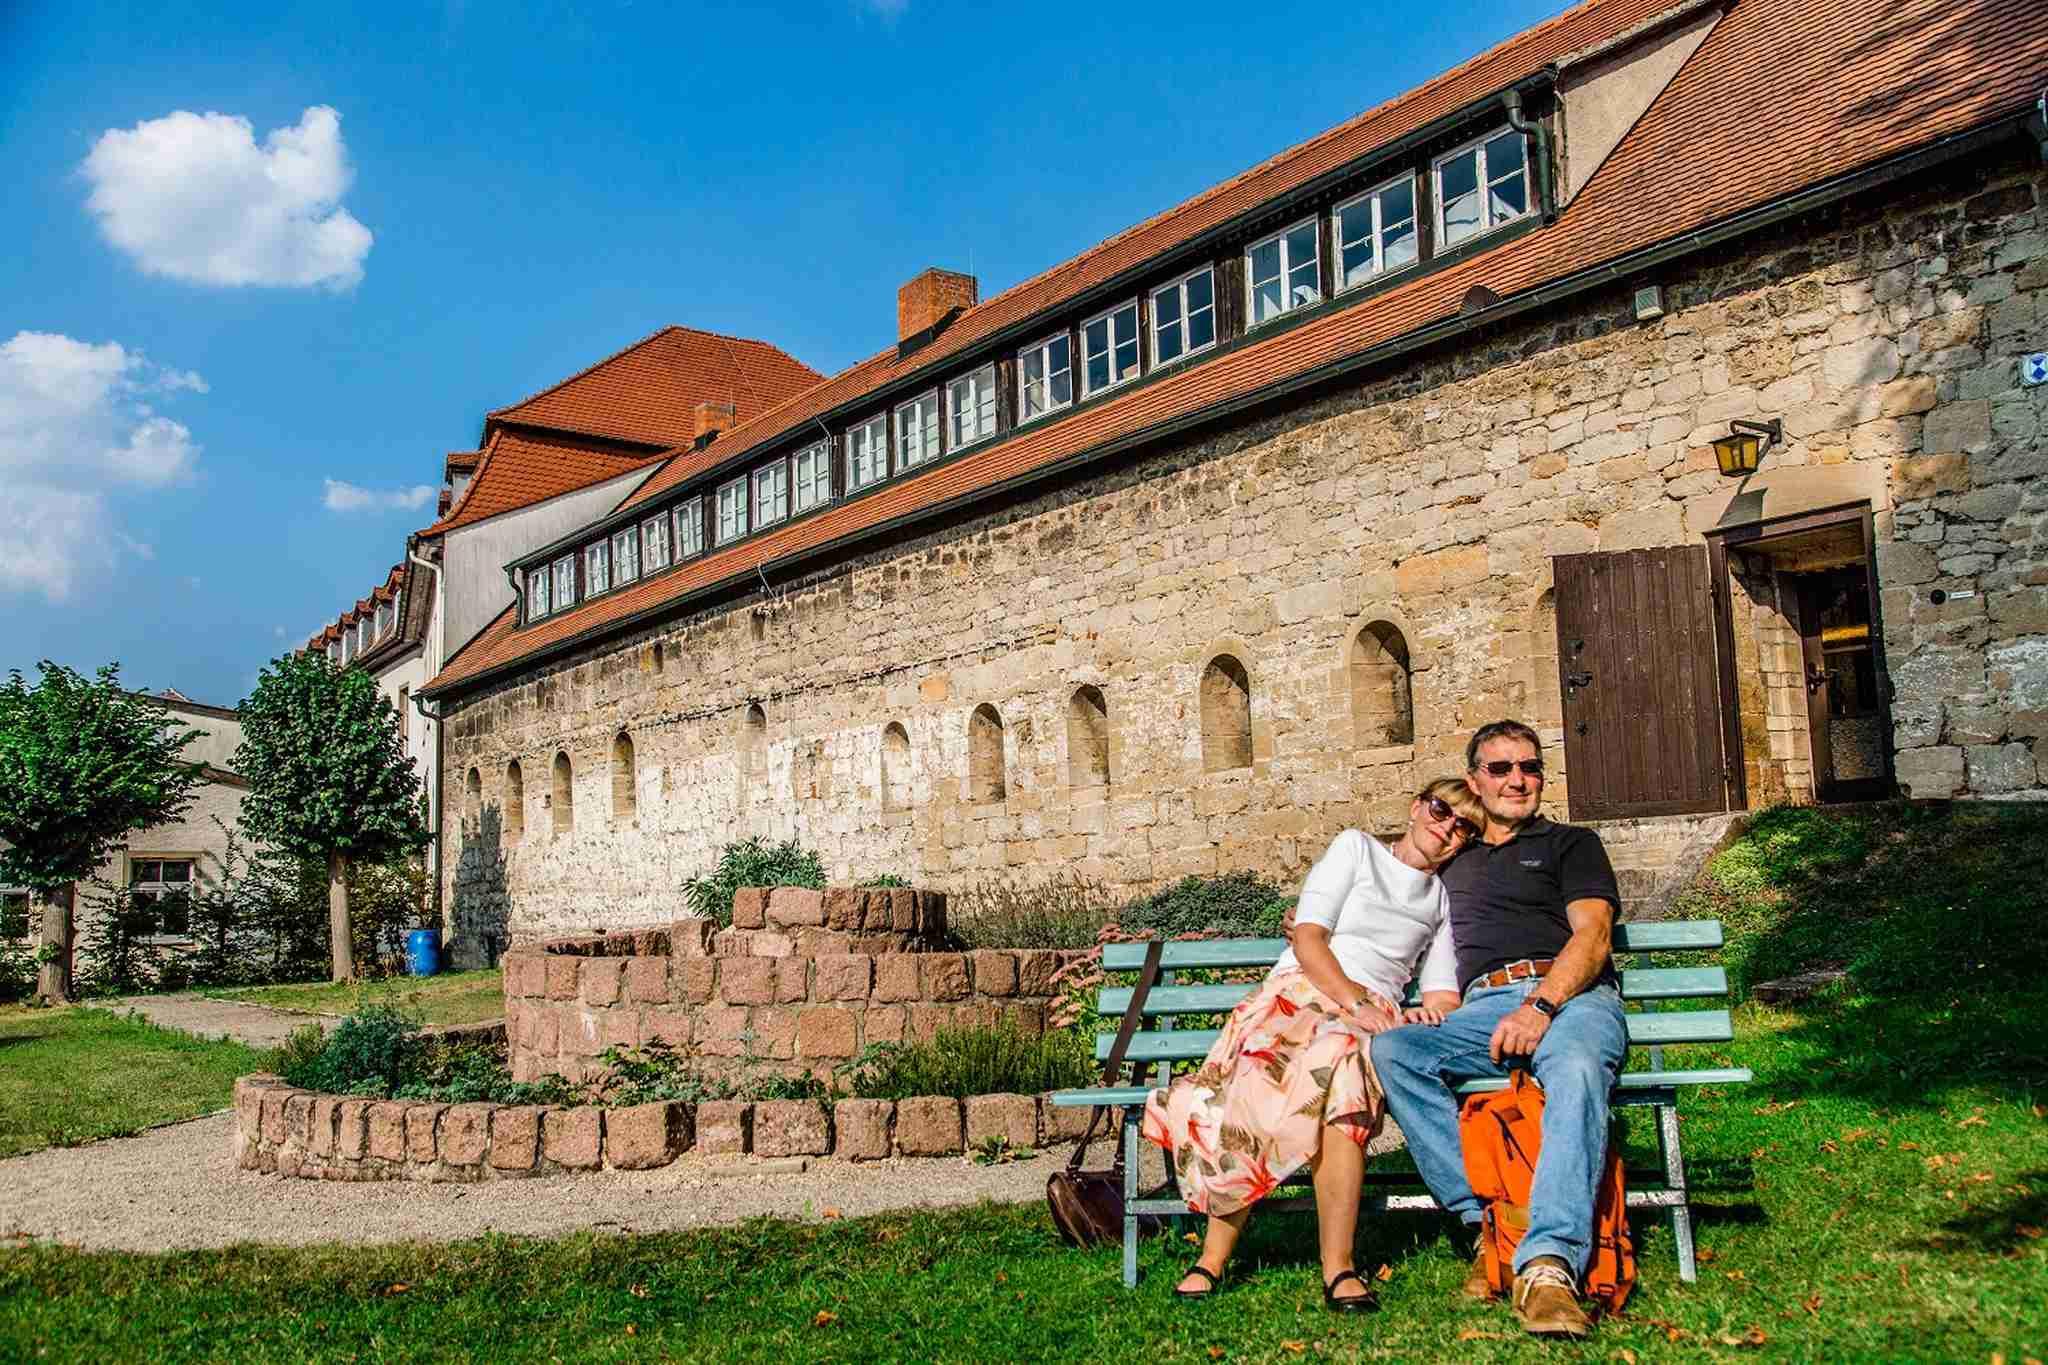 Paar vor romantisches Haus Bad Koesen